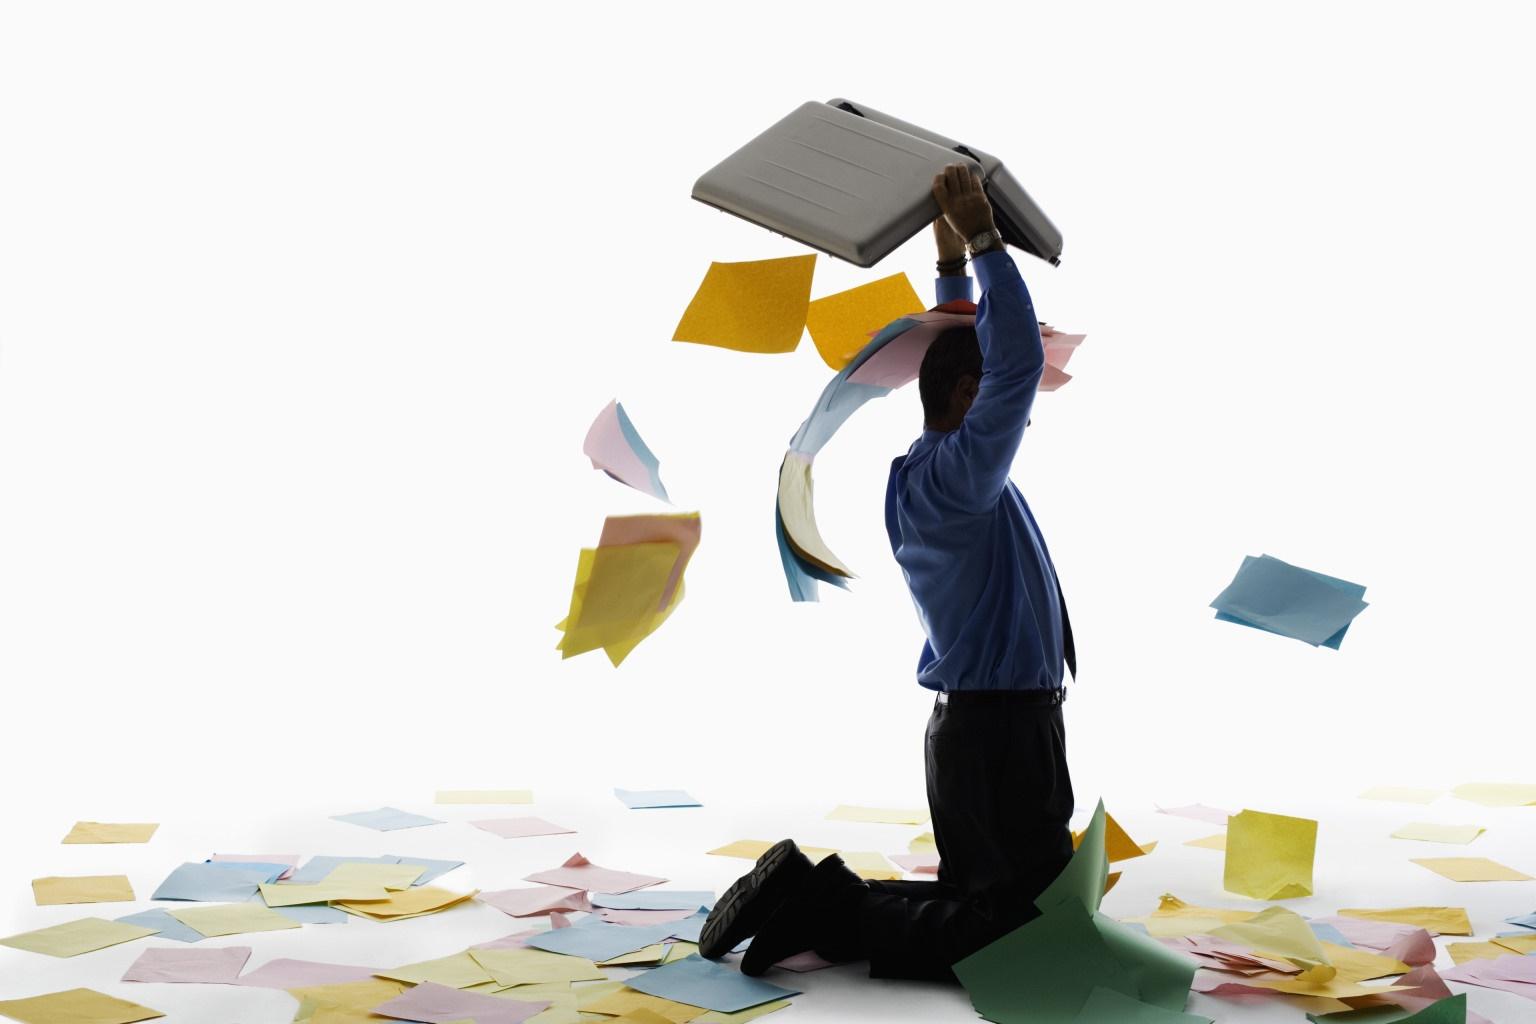 چگونه می توان استرس شغلی را کاهش داد؟